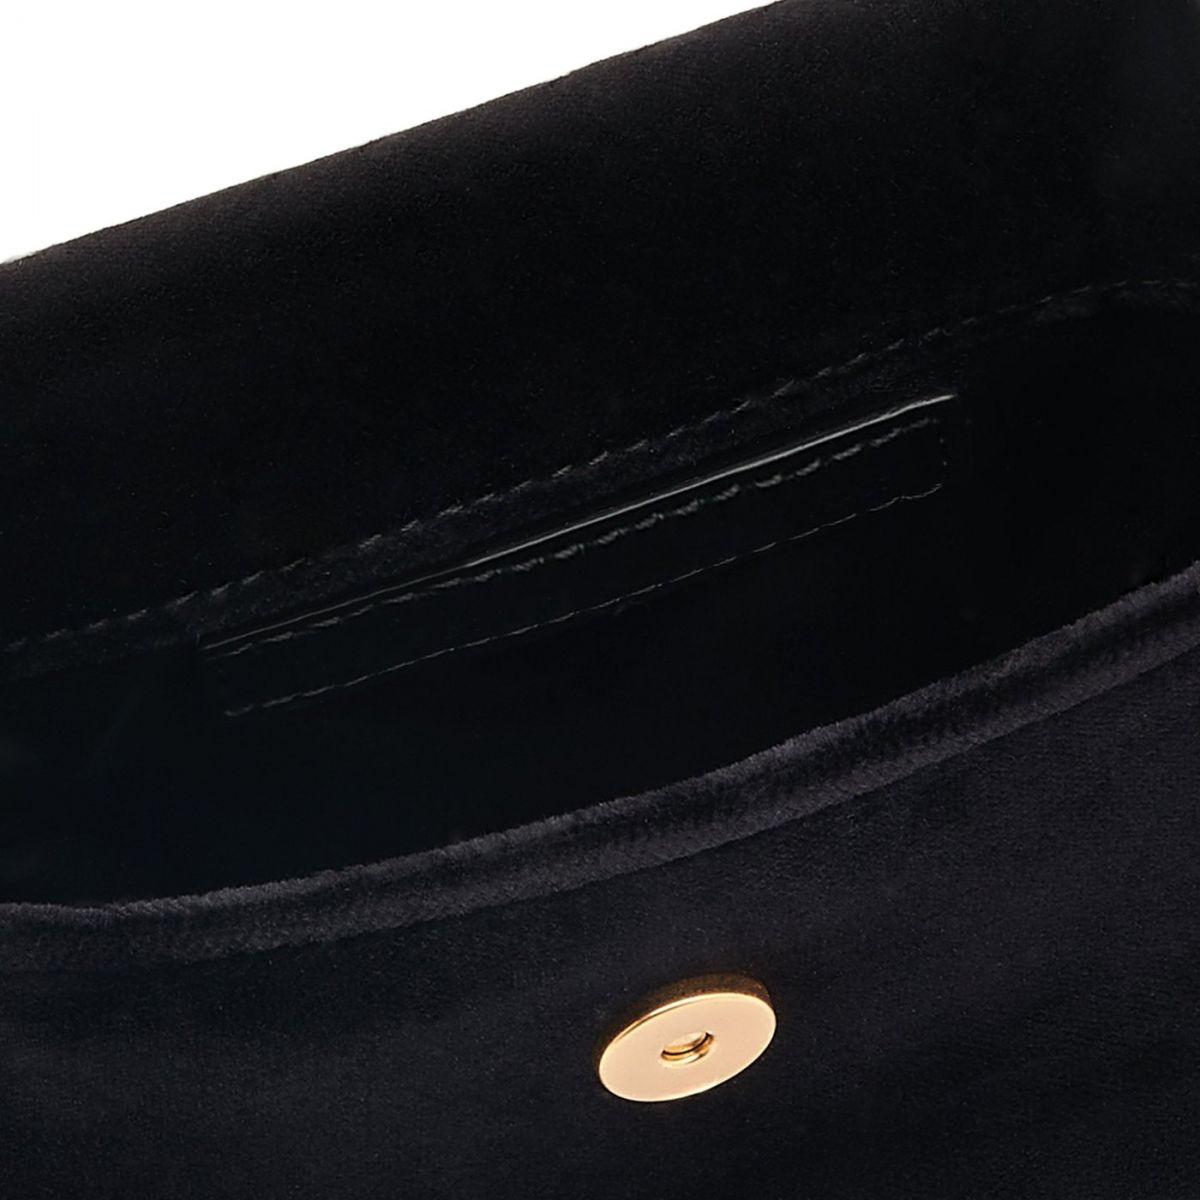 Contessina - Sac Epaule pour Femme en Velours/Cuie De Veau couleur Noir - Ligne Tondina BSH146 | Details